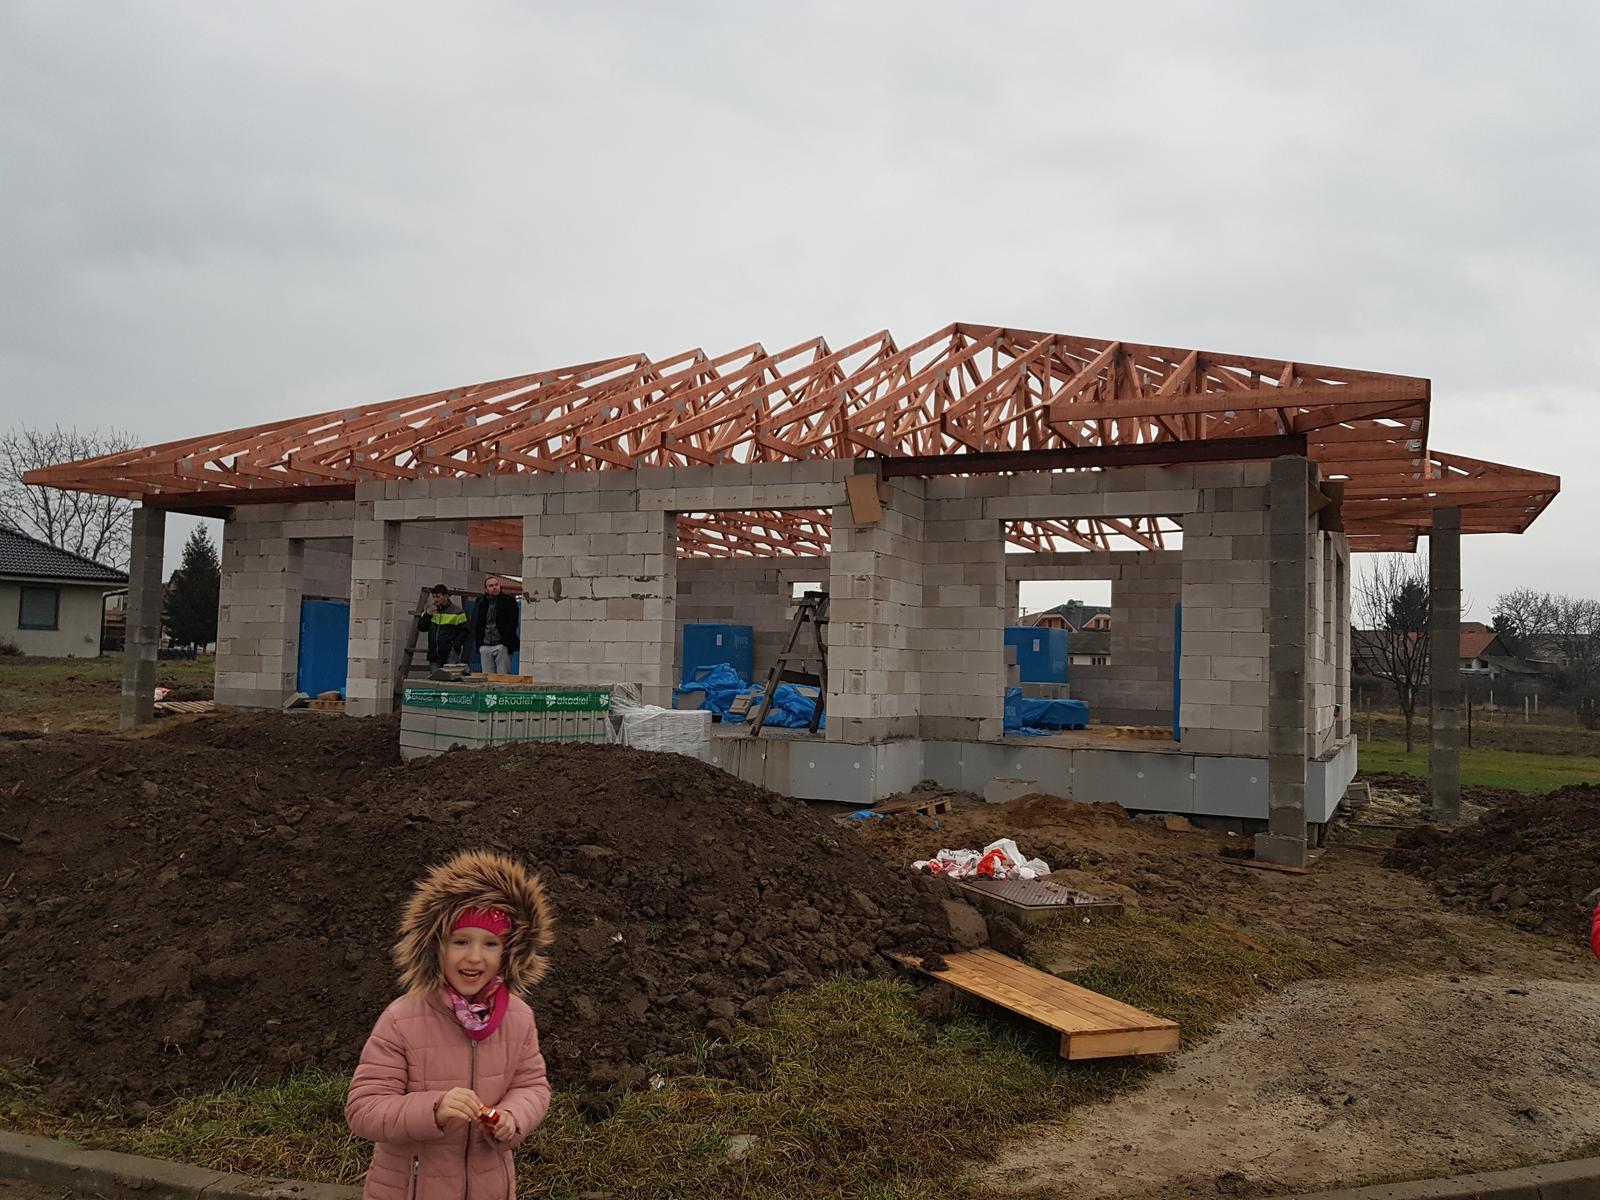 Zaciname stavat nas sen - vaznikovy krov hotovyyy :)